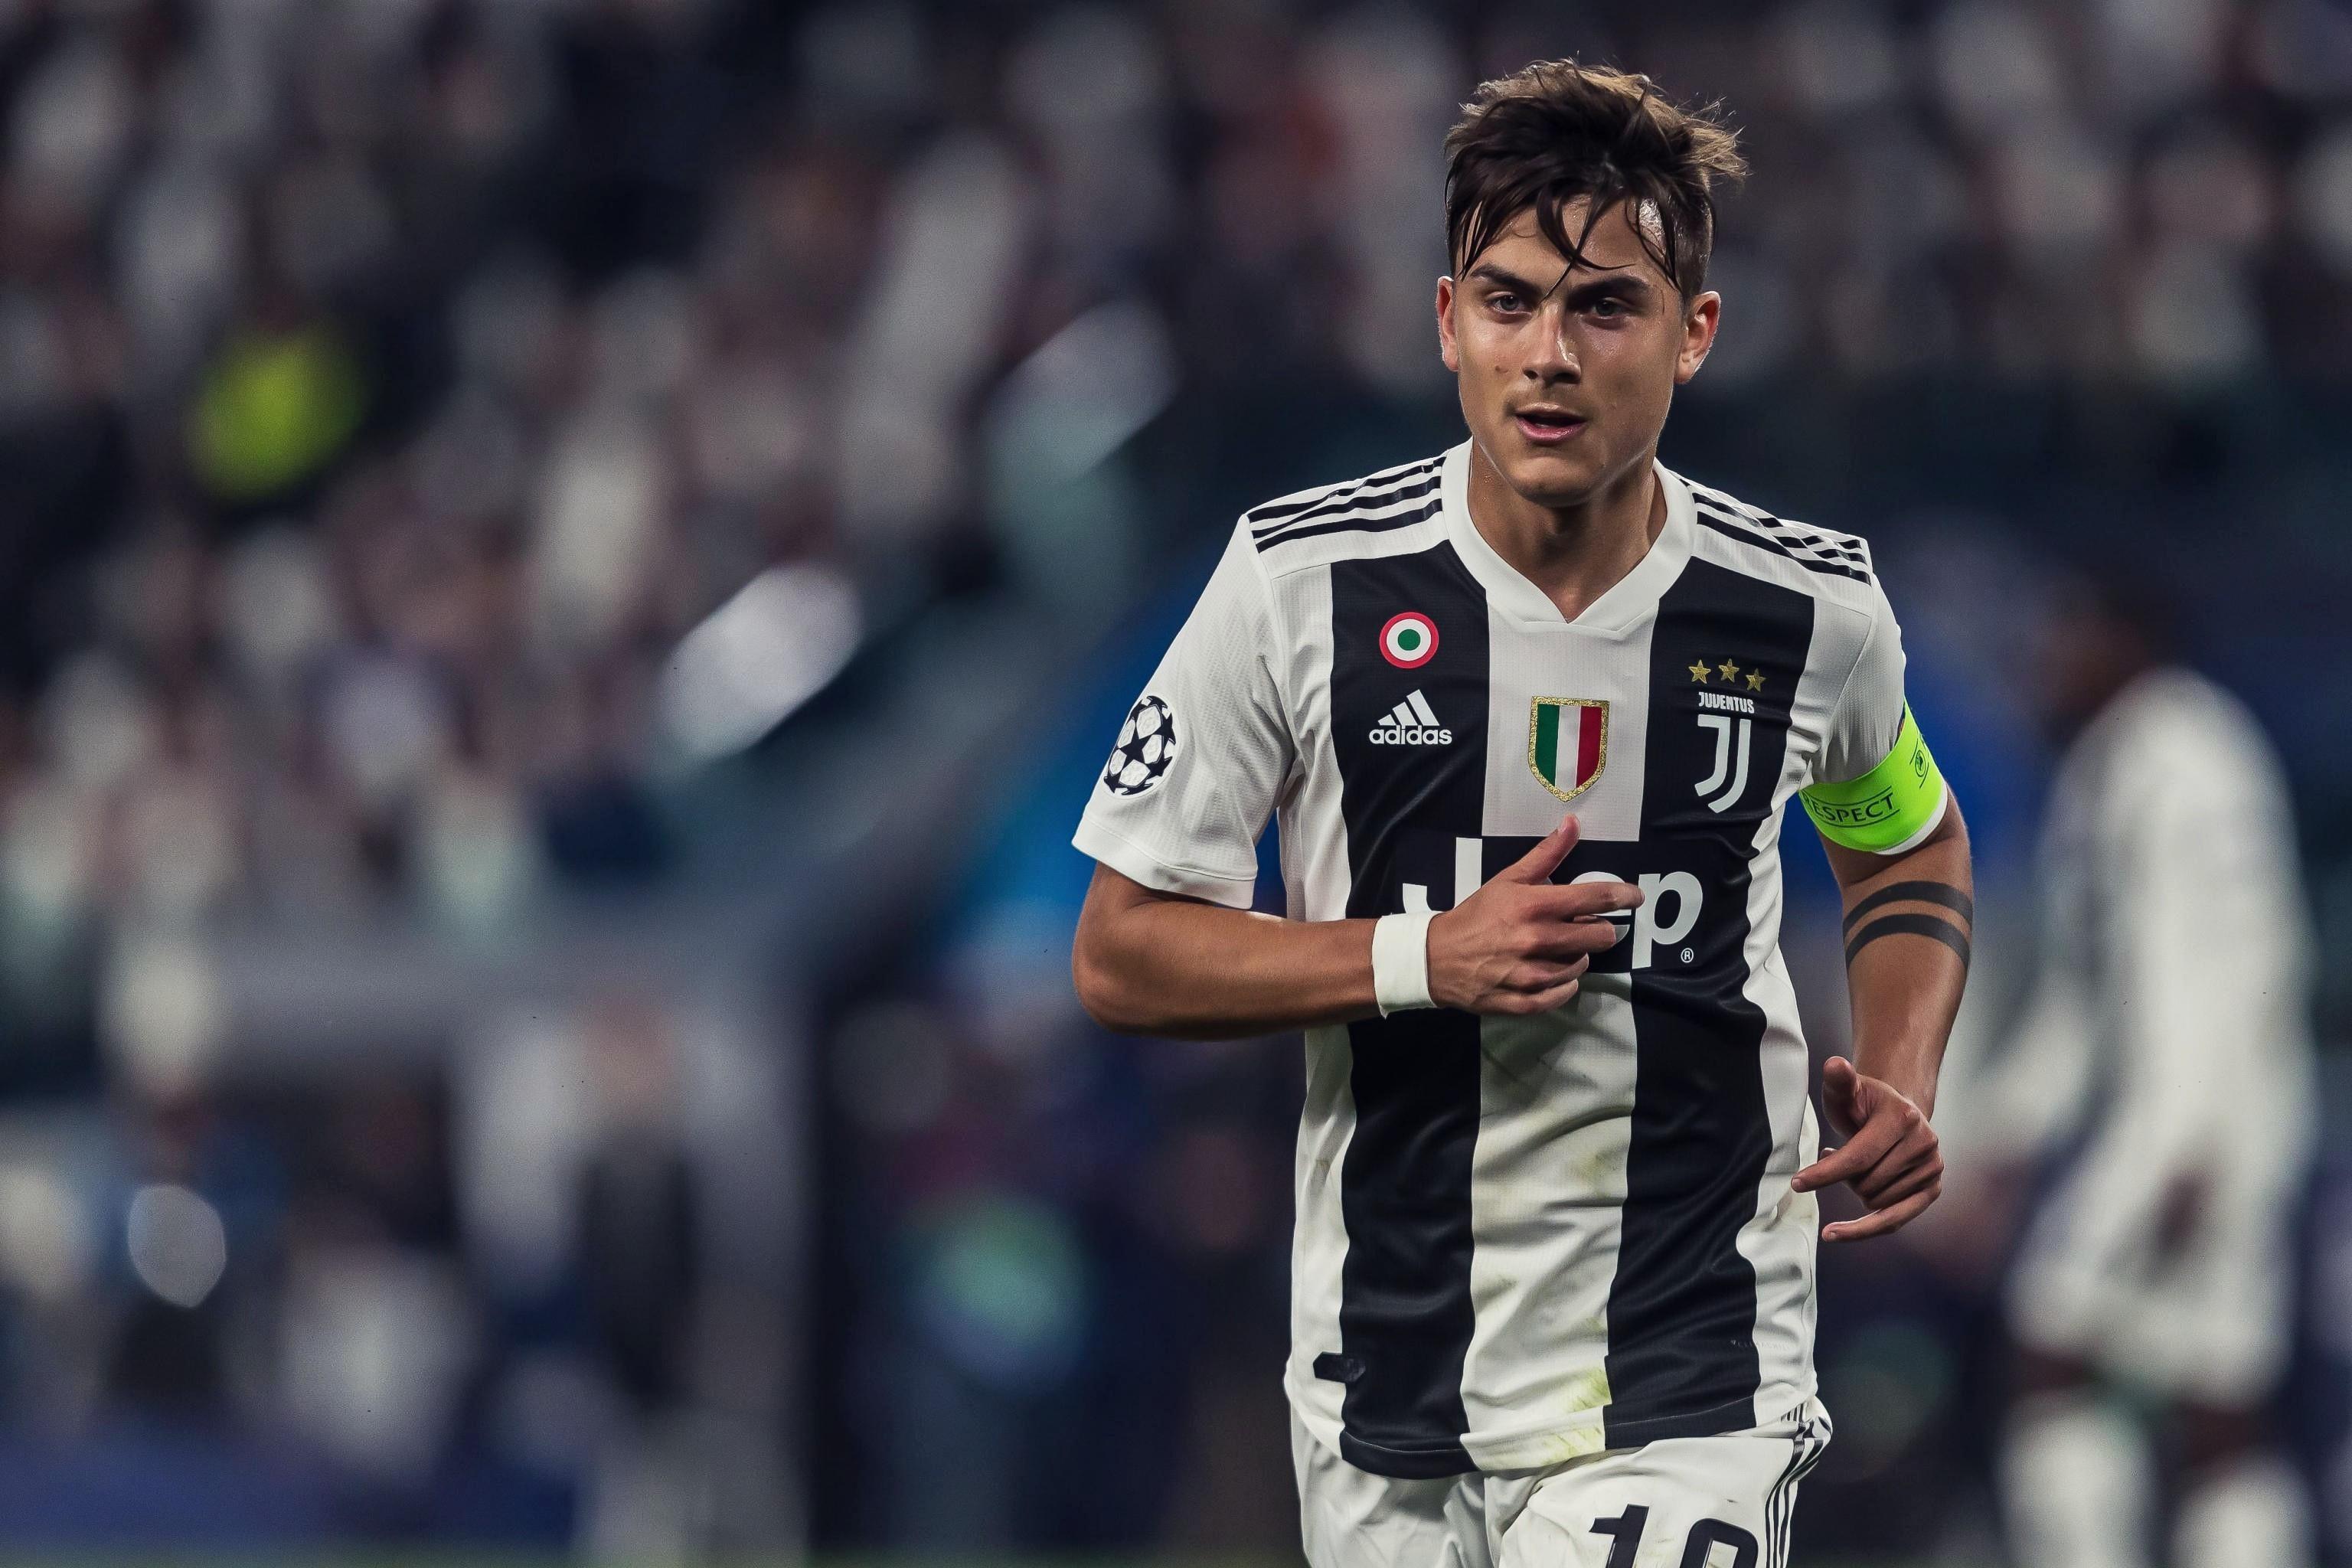 Un nouveau maillot de la Juventus qui ne fait pas l'unanimité